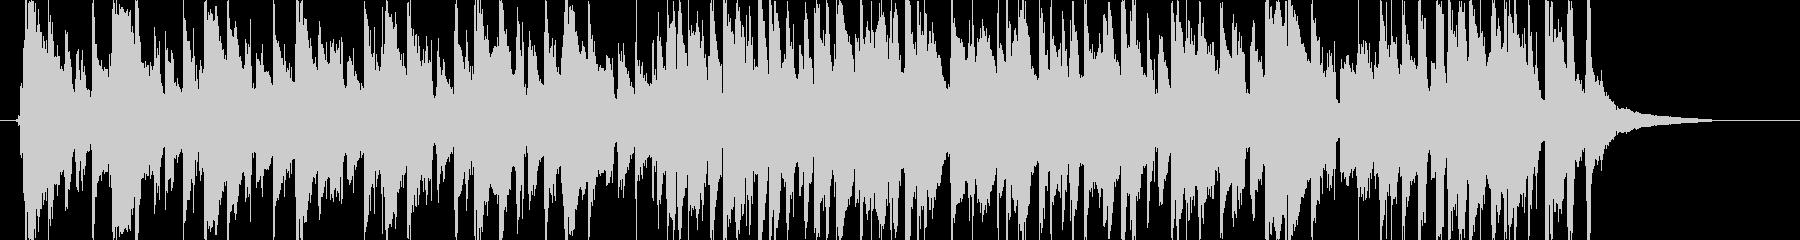 ほのぼのした日常的なアコギBGMの未再生の波形